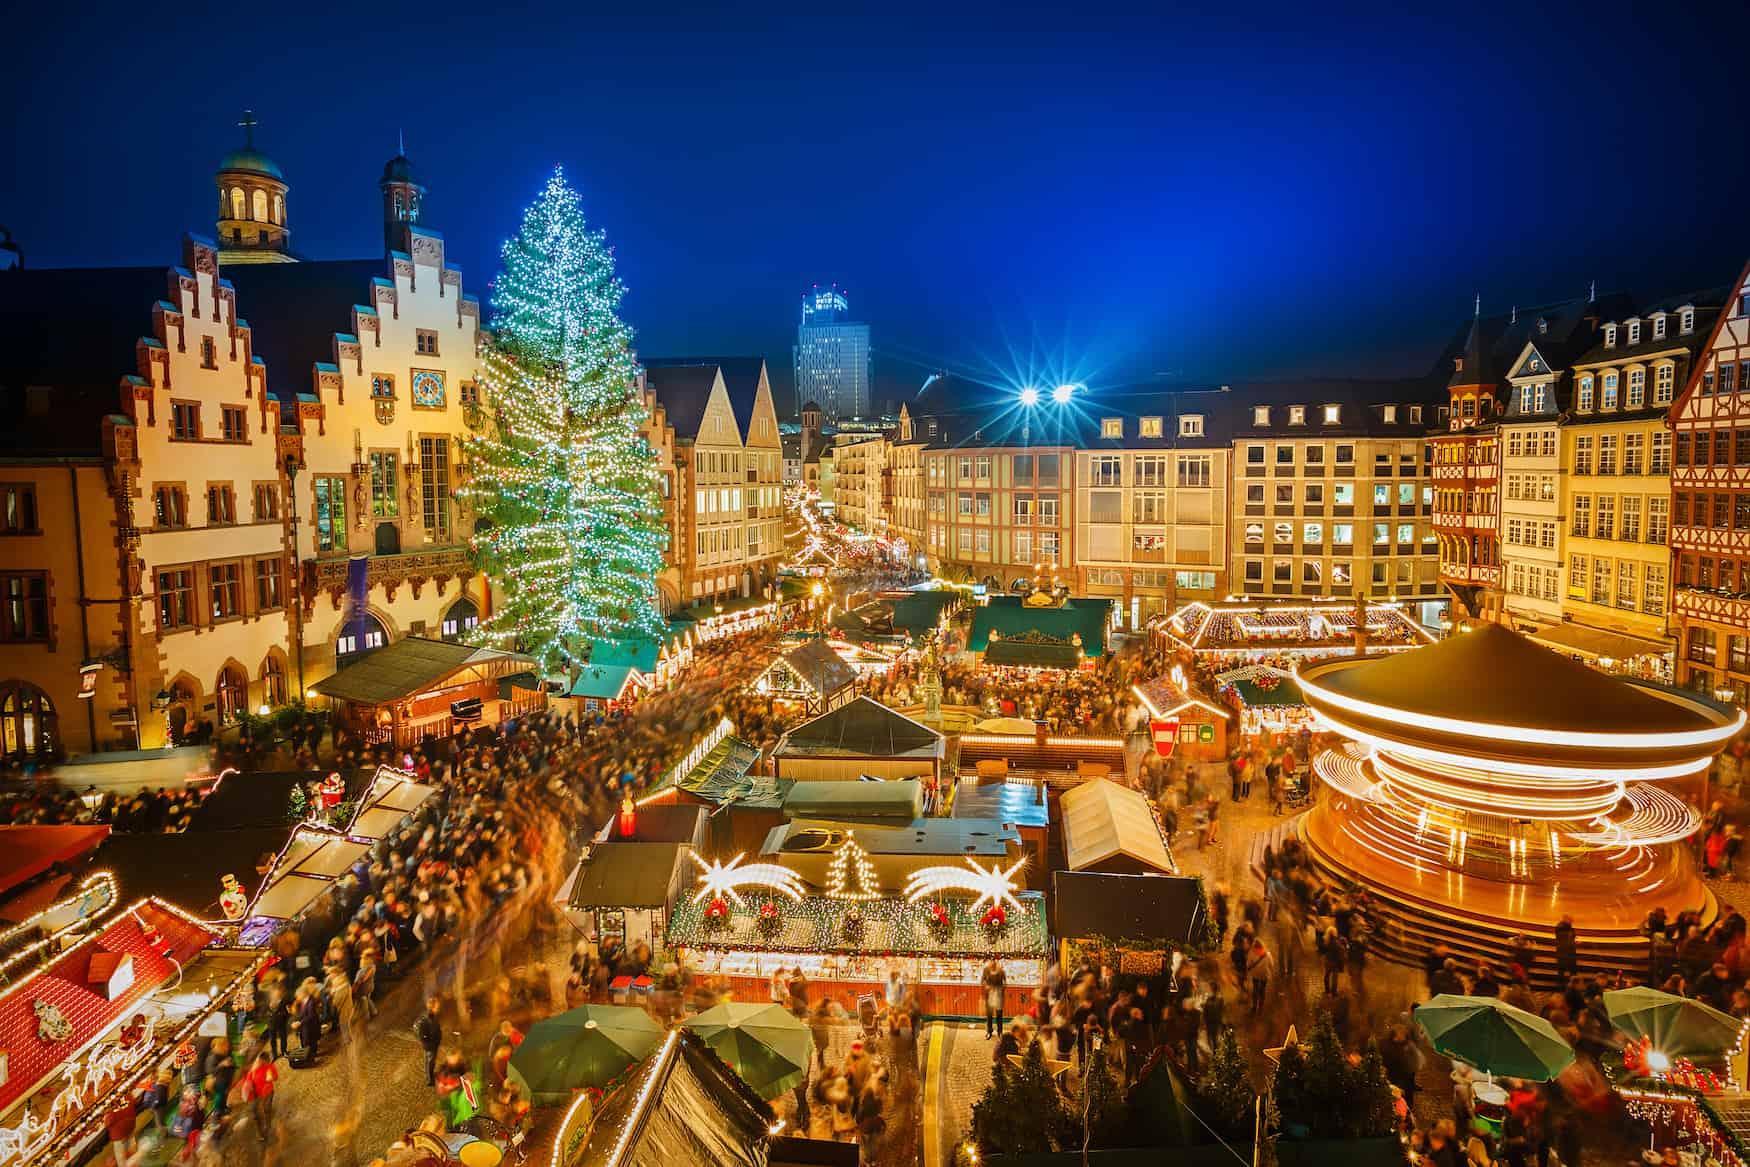 Festlicher Weihnachtsmarkt in Frankfurt